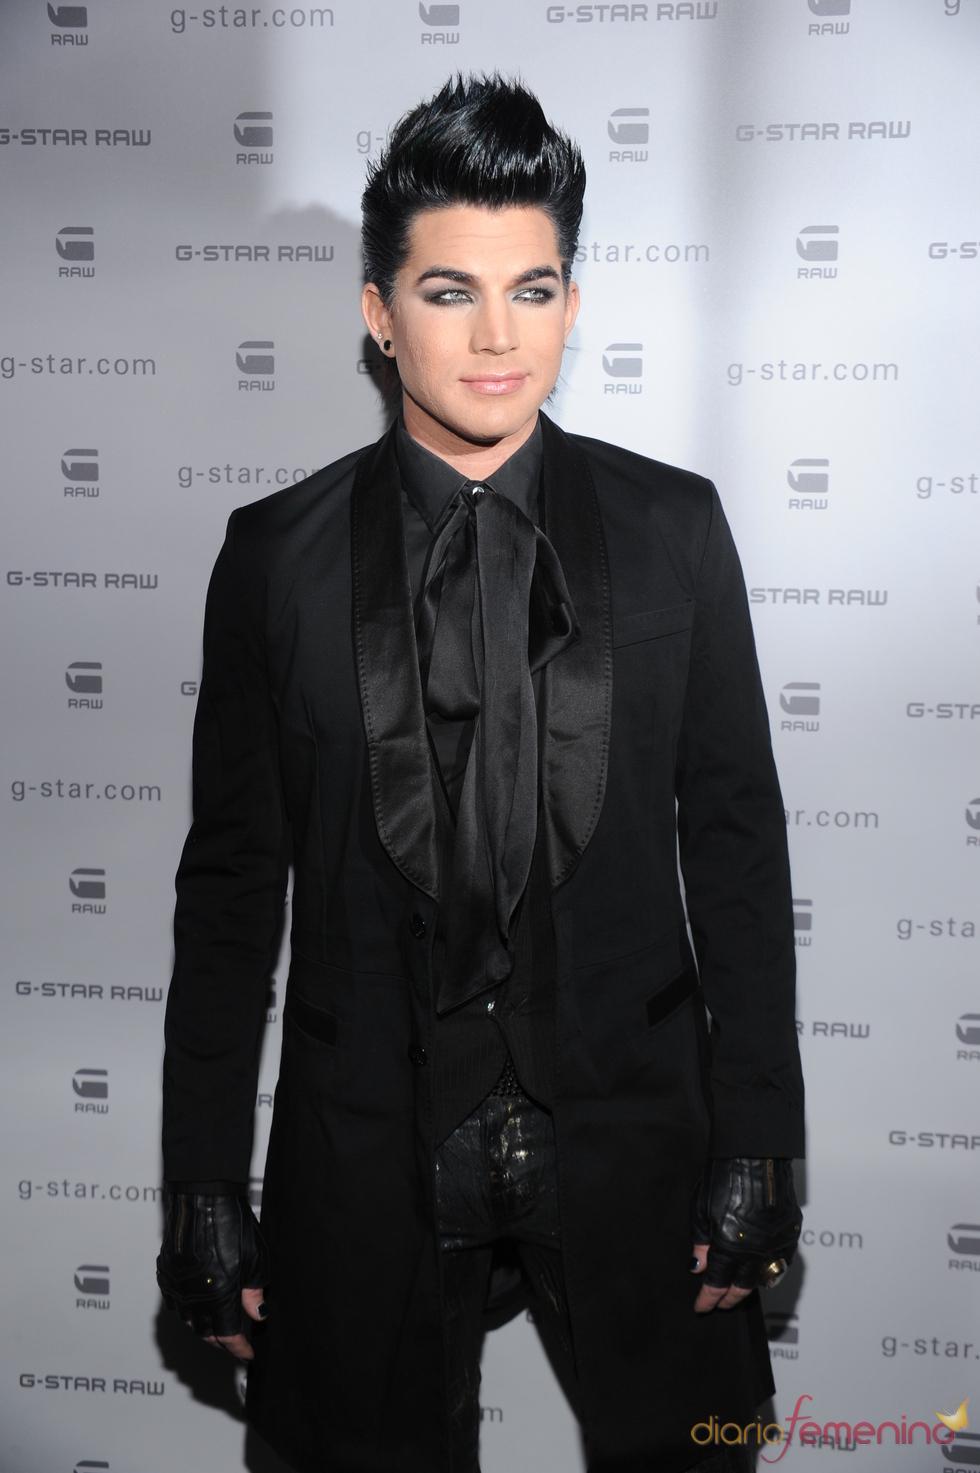 Adam Lambert en el desfile G-Star